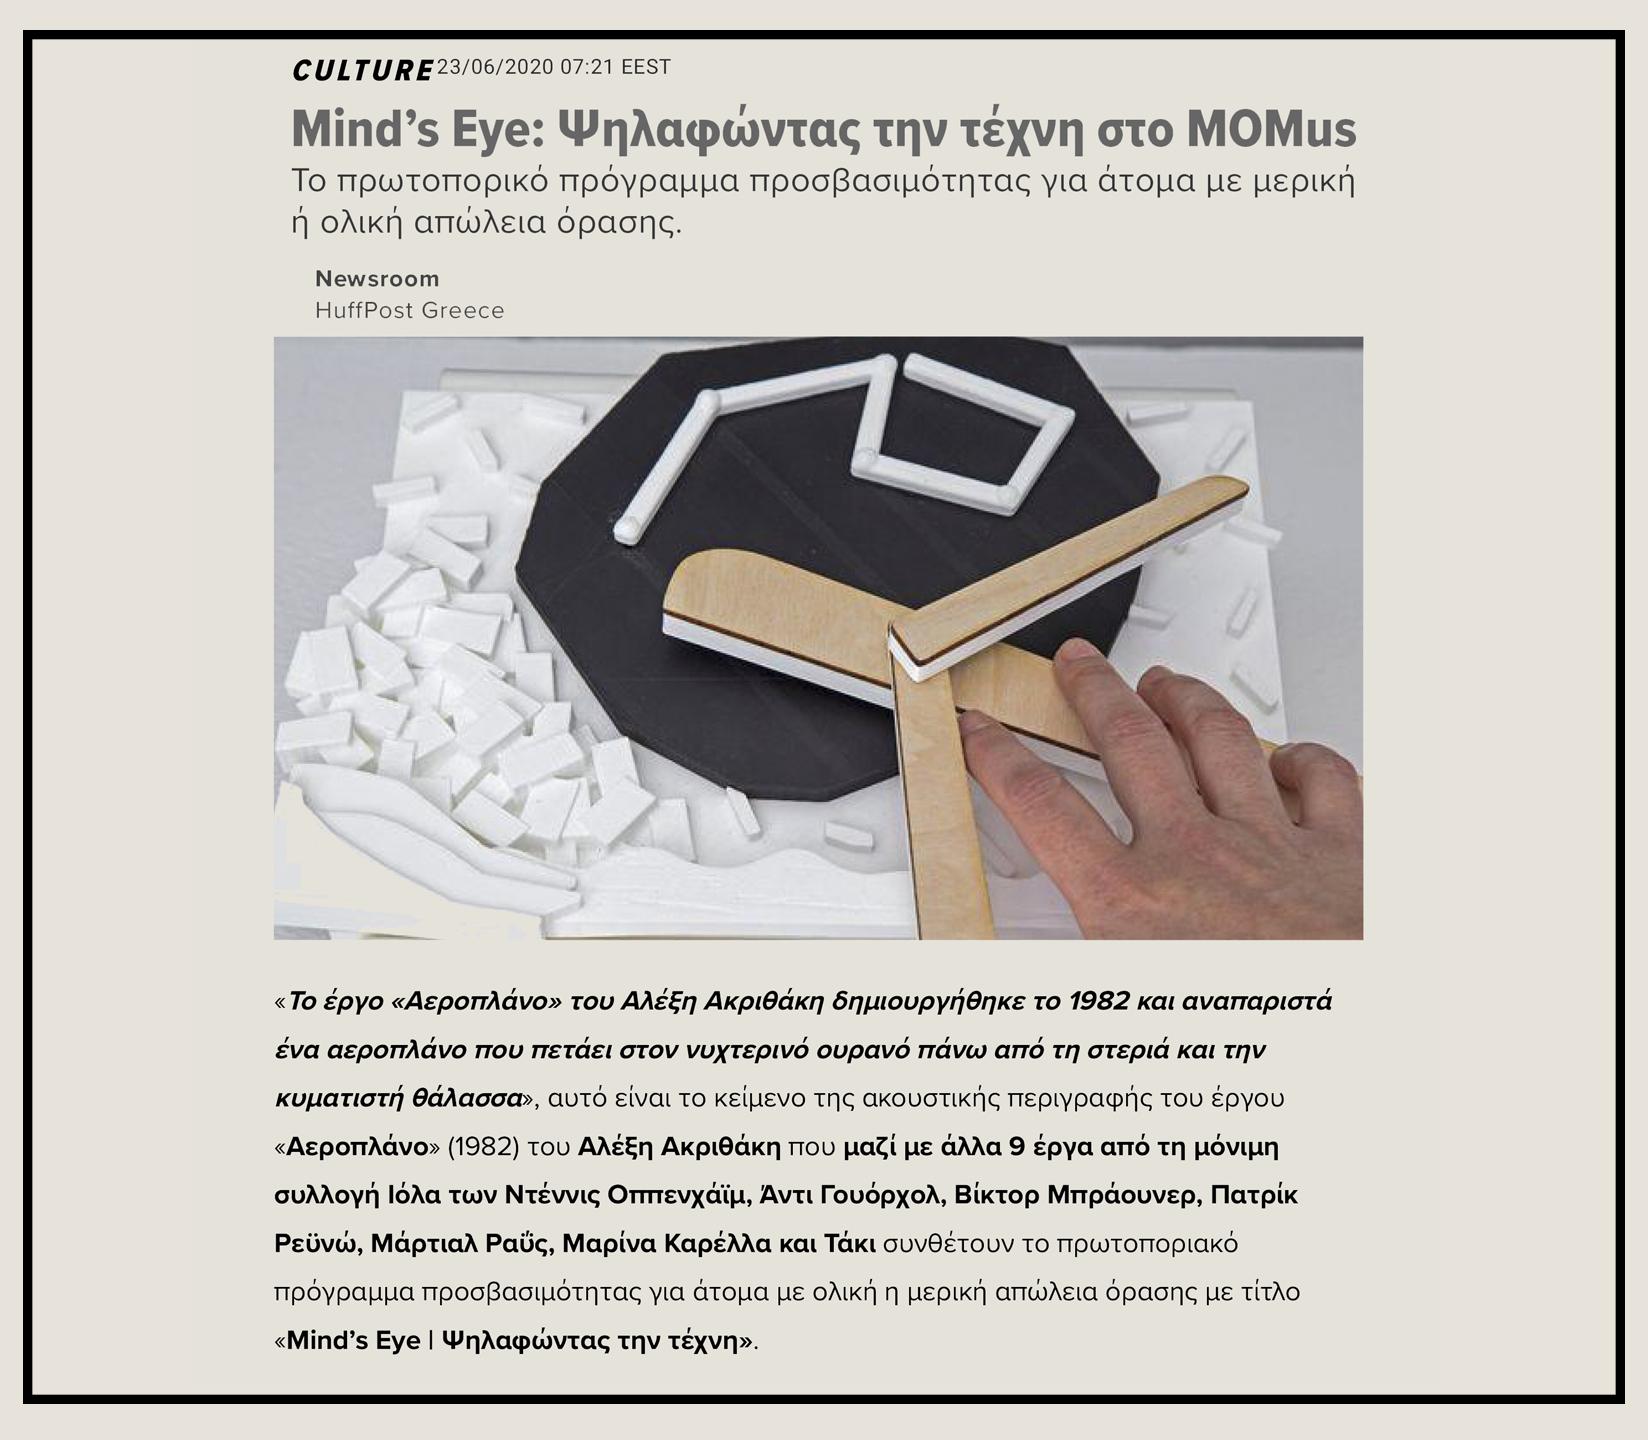 Εικόνα από το δημοσίευμα στην ιστοσελίδα HuffPost Greece που δημοσιεύτηκε στις 23 Ιουνίου 2020. Στην εικόνα παρουσιάζεται το απτικό βοήθημα που έχει δημιουργηθεί για την προσέγγιση του έργου «Αεροπλάνο» του καλλιτέχνη Αλέξη Ακριθάκη που ανήκει στη Συλλογή του MOMus-Μουσείο Σύγχρονης Τέχνης. Το απτικό βοήθημα που έχει δημιουργηθεί με την τεχνολογία της τρισδιάστατης εκτύπωσης παρουσιάζει με κάθε λεπτομέρεια το έργο τέχνης σε μικρότερη κλίμακα. Το απτικό βοήθημα έχει δημιουργηθεί σε συνδυασμό του λευκού και του μαύρου πλαστικού και στα φτερά του αεροπλάνου φέρει λεπτές φέτες ξύλου που παραπέμπουν στο υλικό του πρωτότυπου έργου τέχνης.